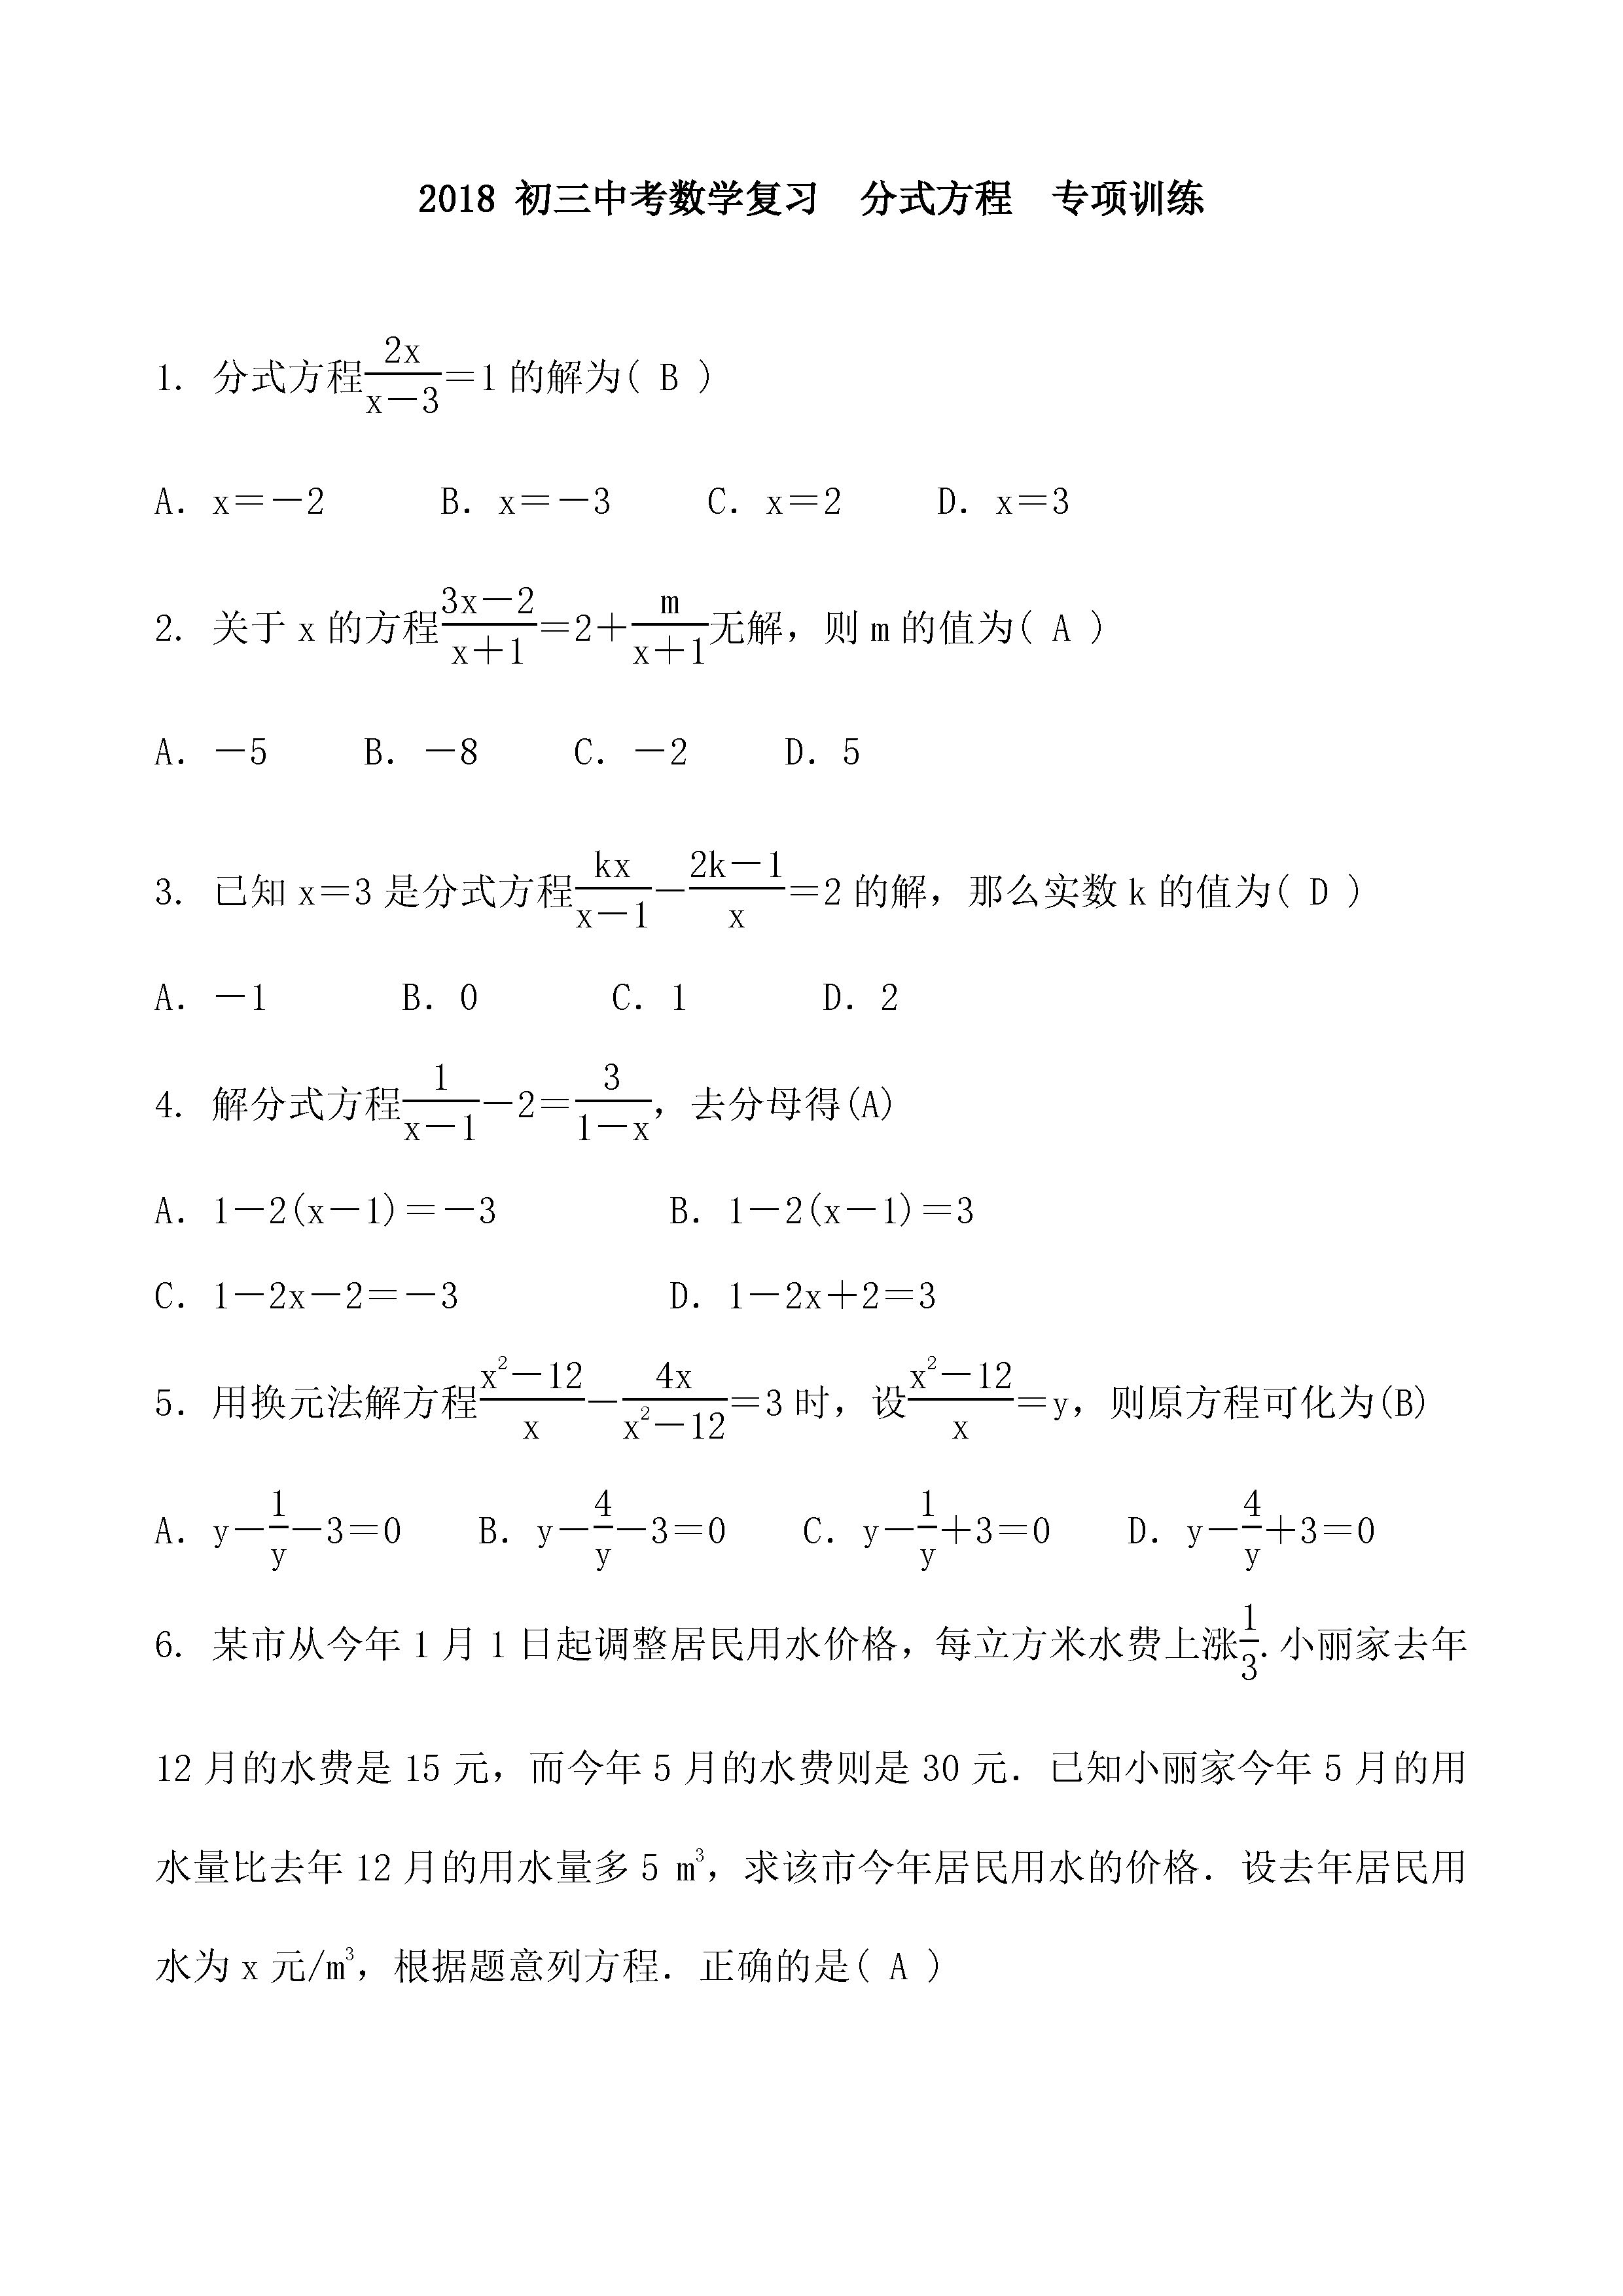 中考数学总复习之分式方程专项练习题含答案